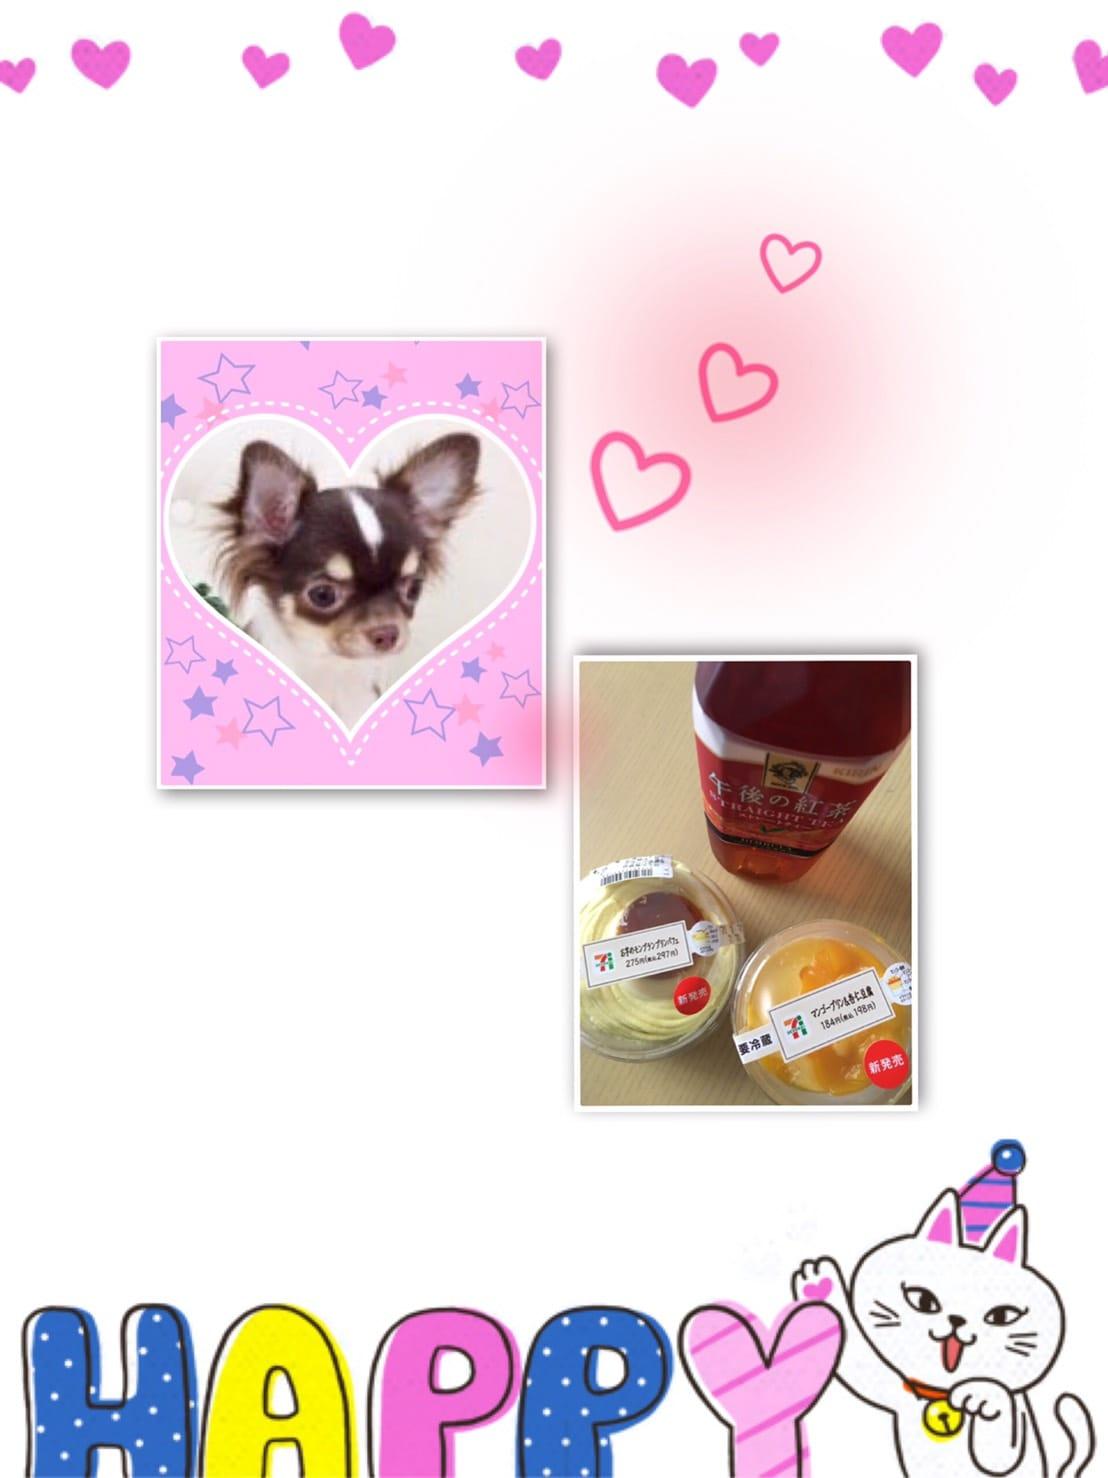 「-$BL5Bj(B-♡4/10アゲハ チョコたんお兄様♡」04/11(04/11) 16:37 | HINA(ヒナ)の写メ・風俗動画